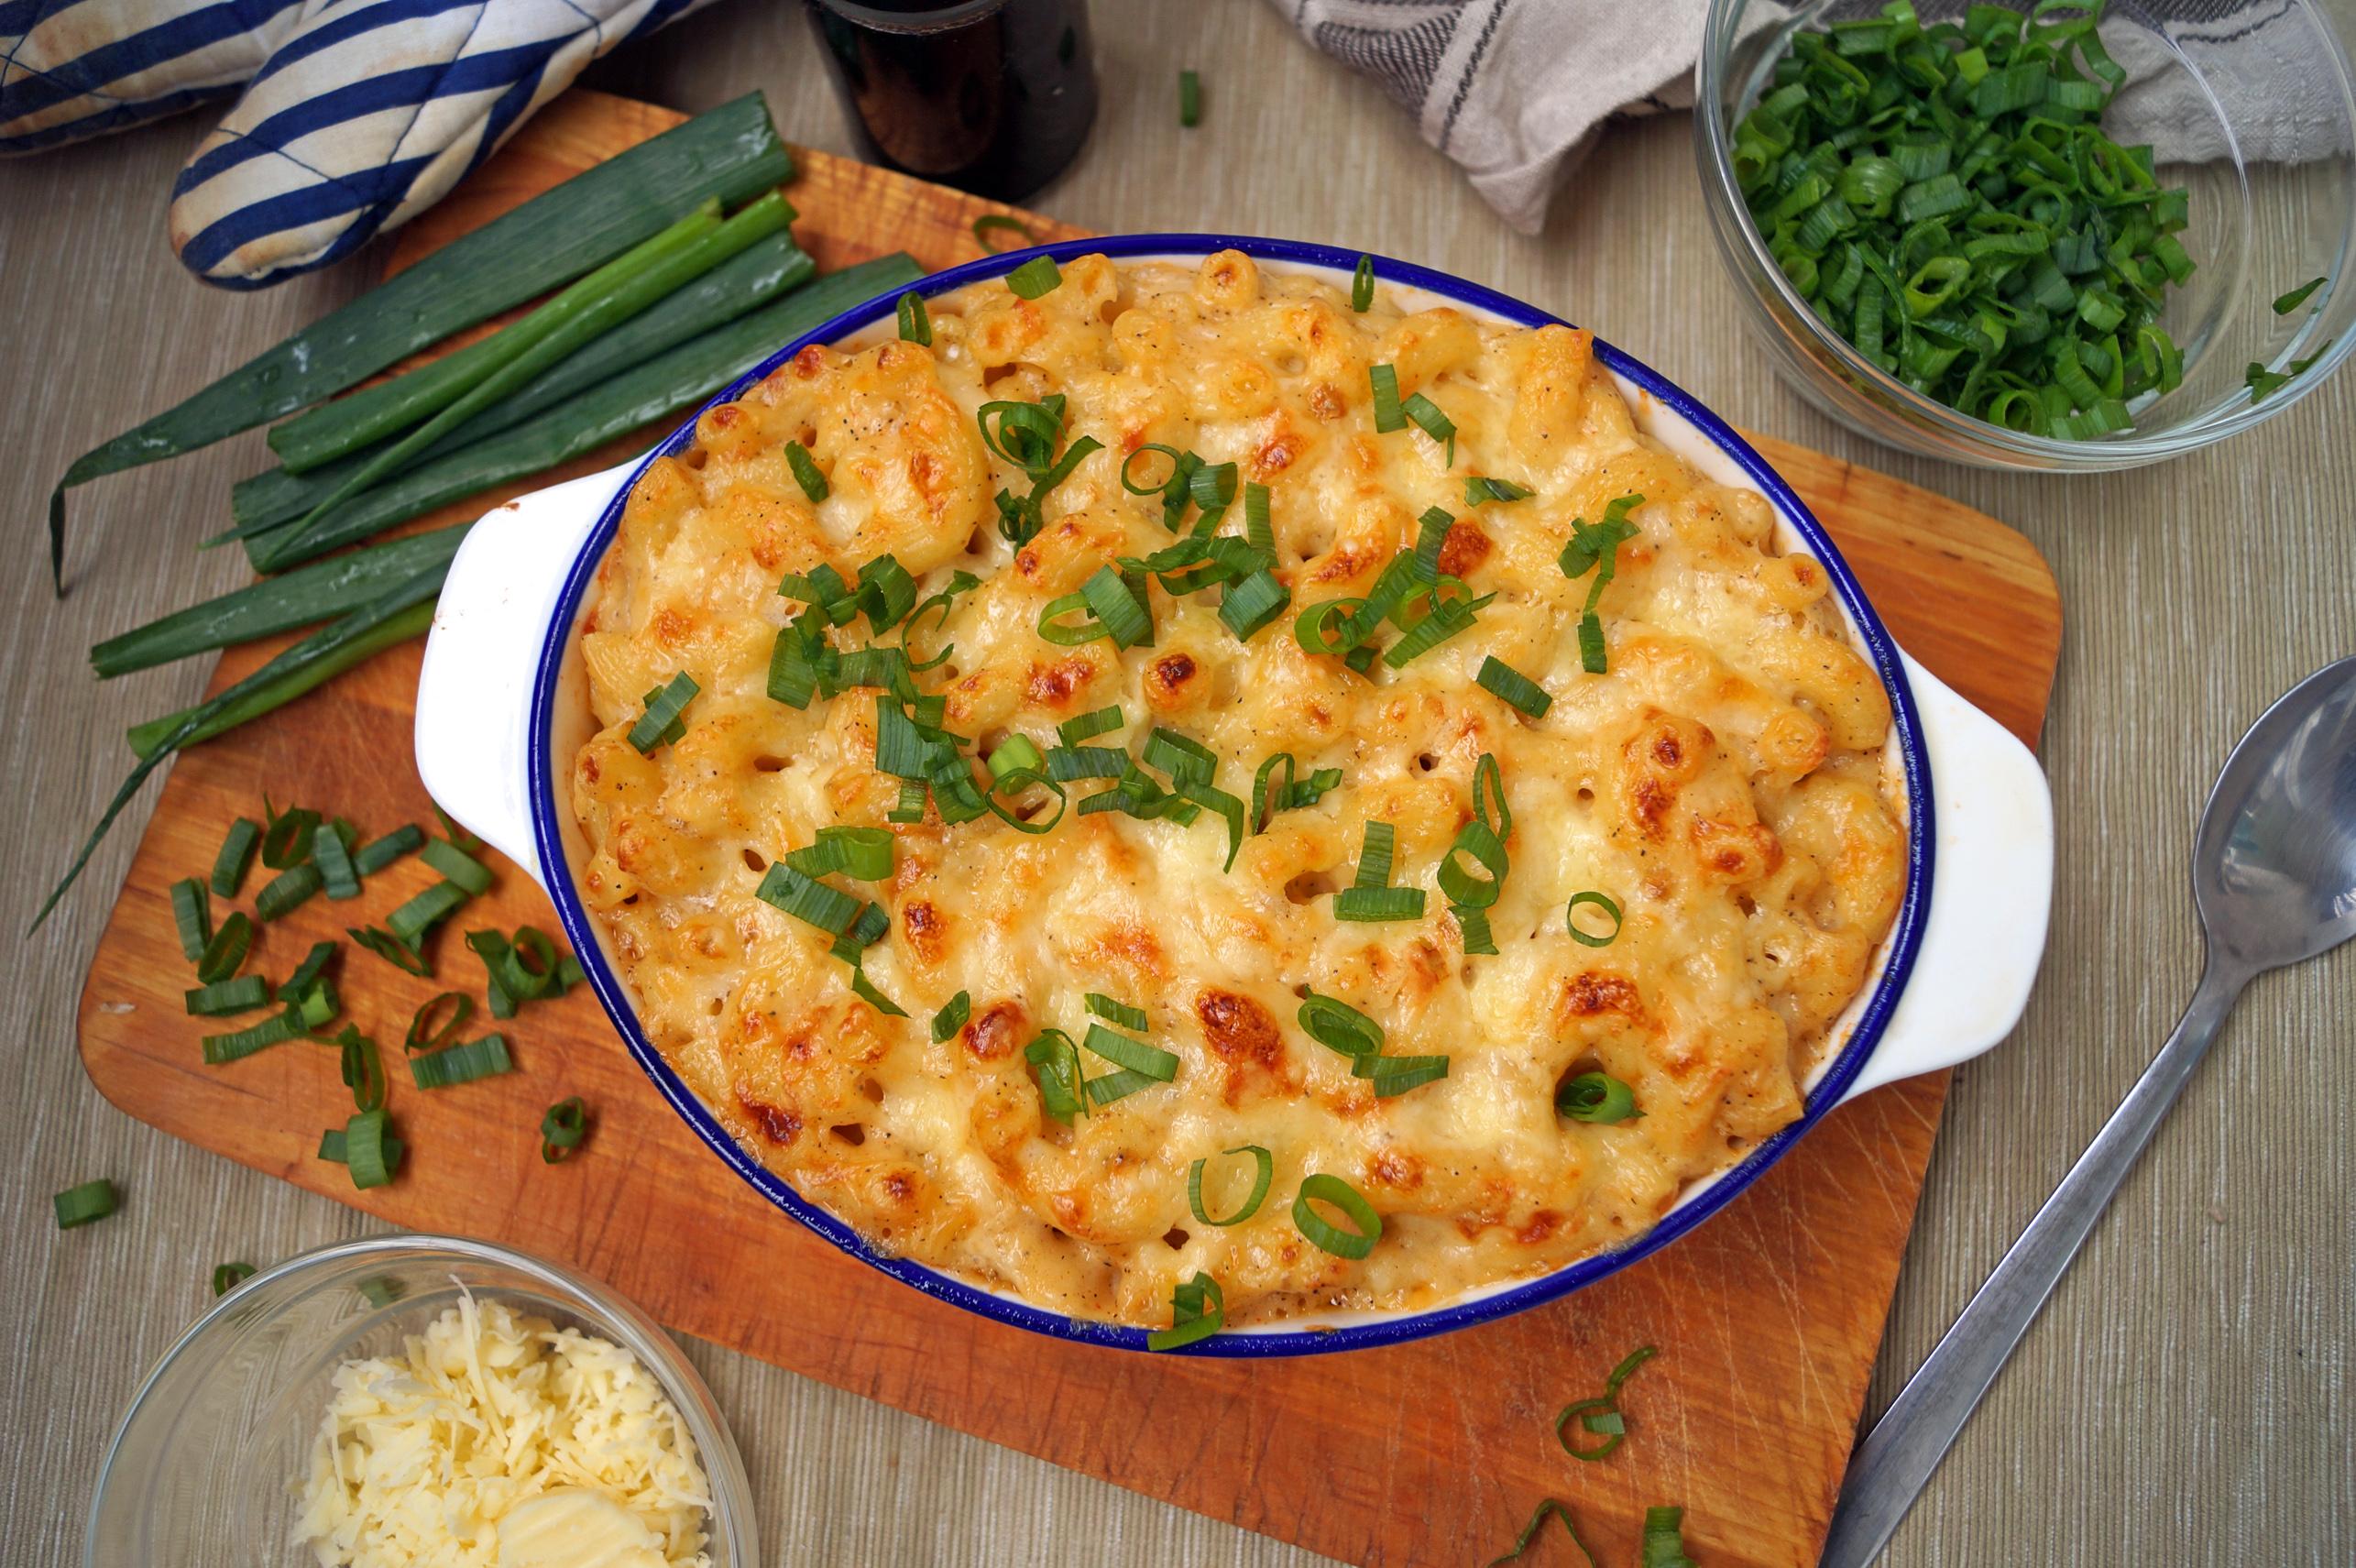 Makaron z serem po amerykańsku, czyli macaroni and cheese